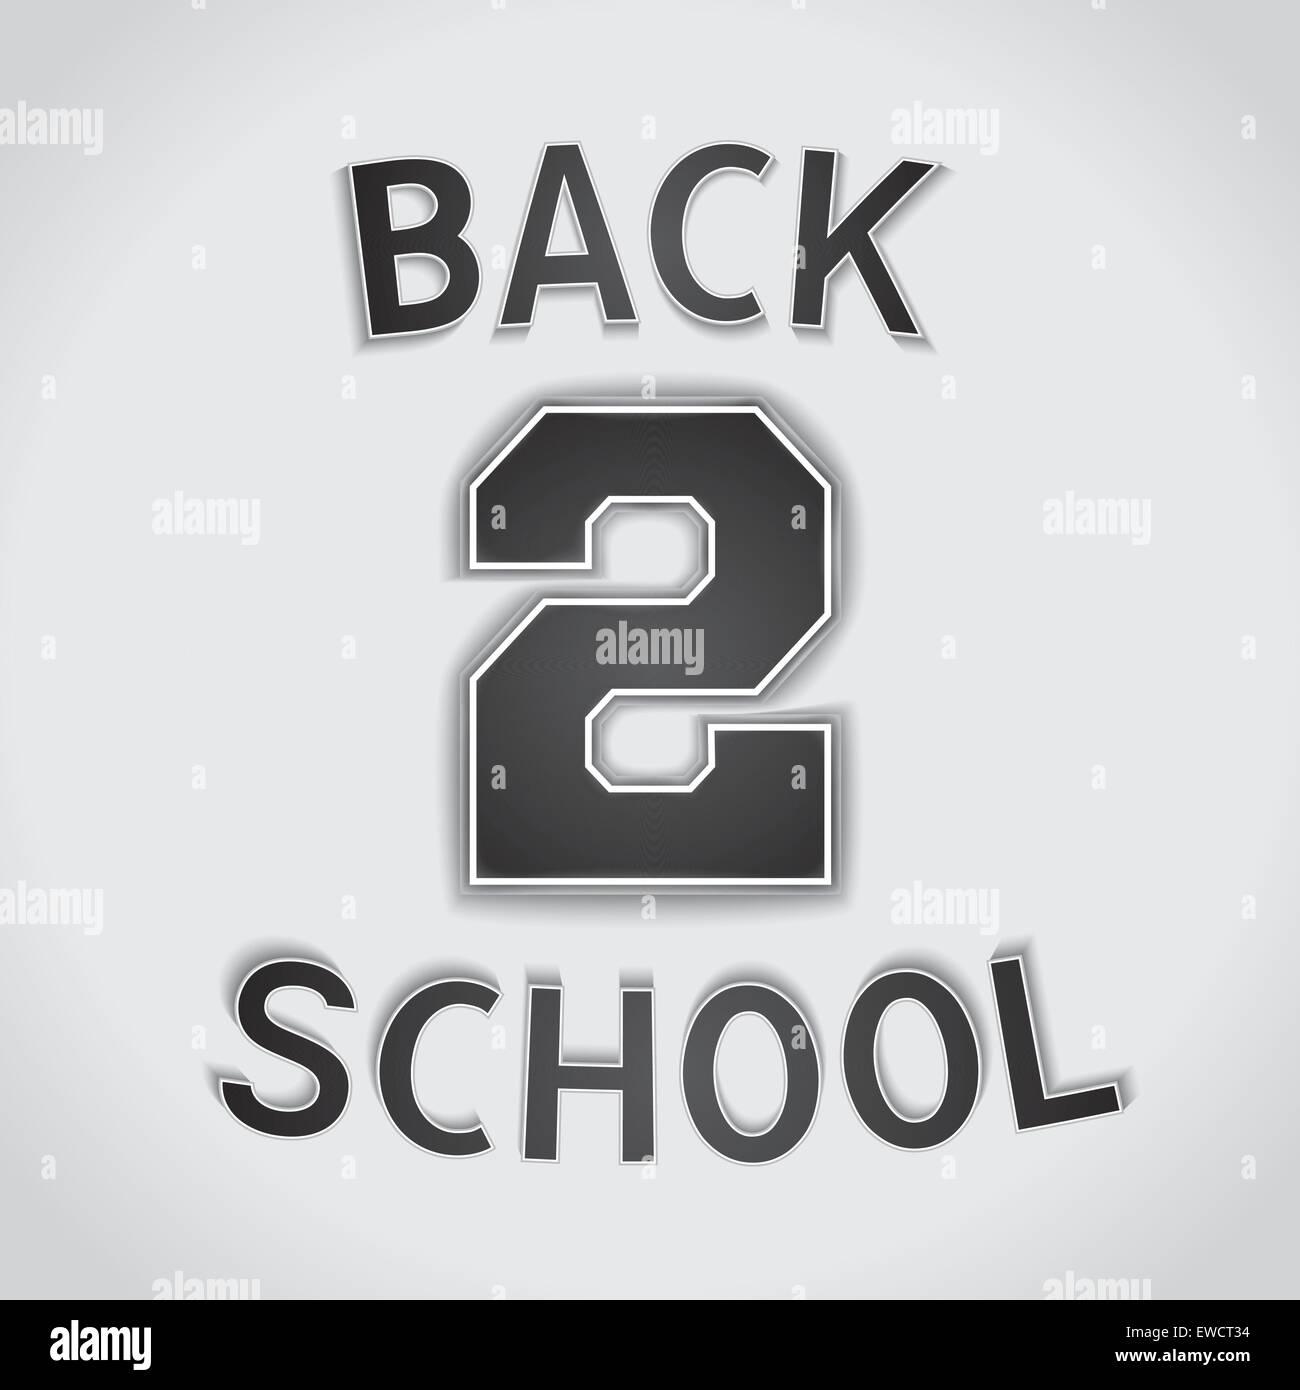 Zurück auf die Schulbank - Wortspiel design Plakat. Vector EPS 10. Stockbild